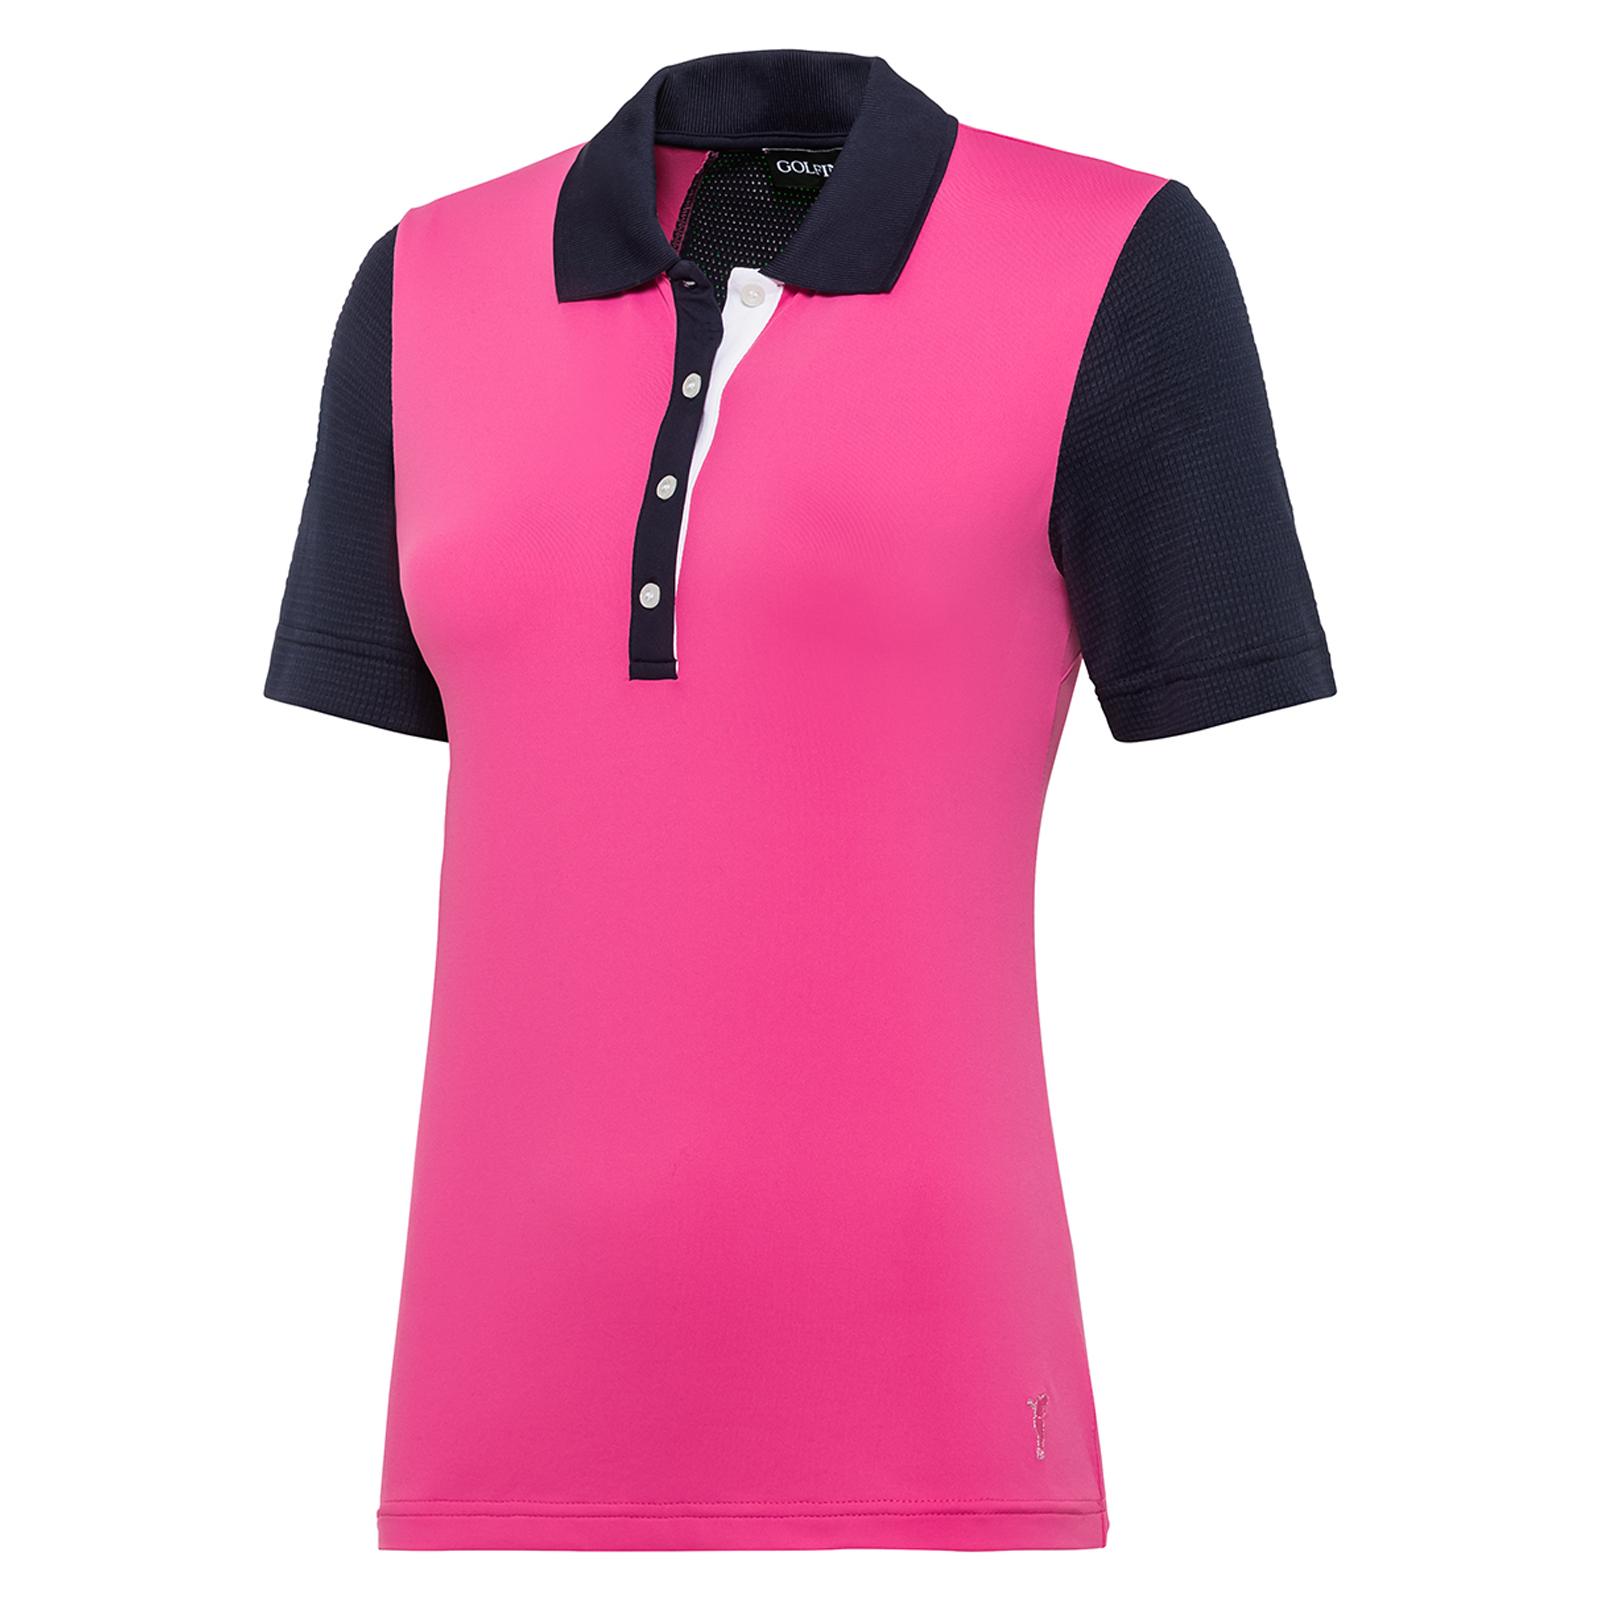 Damen Polo mit Sonnenschutz-Funktion und Mesh-Einsätzen in Slim Fit